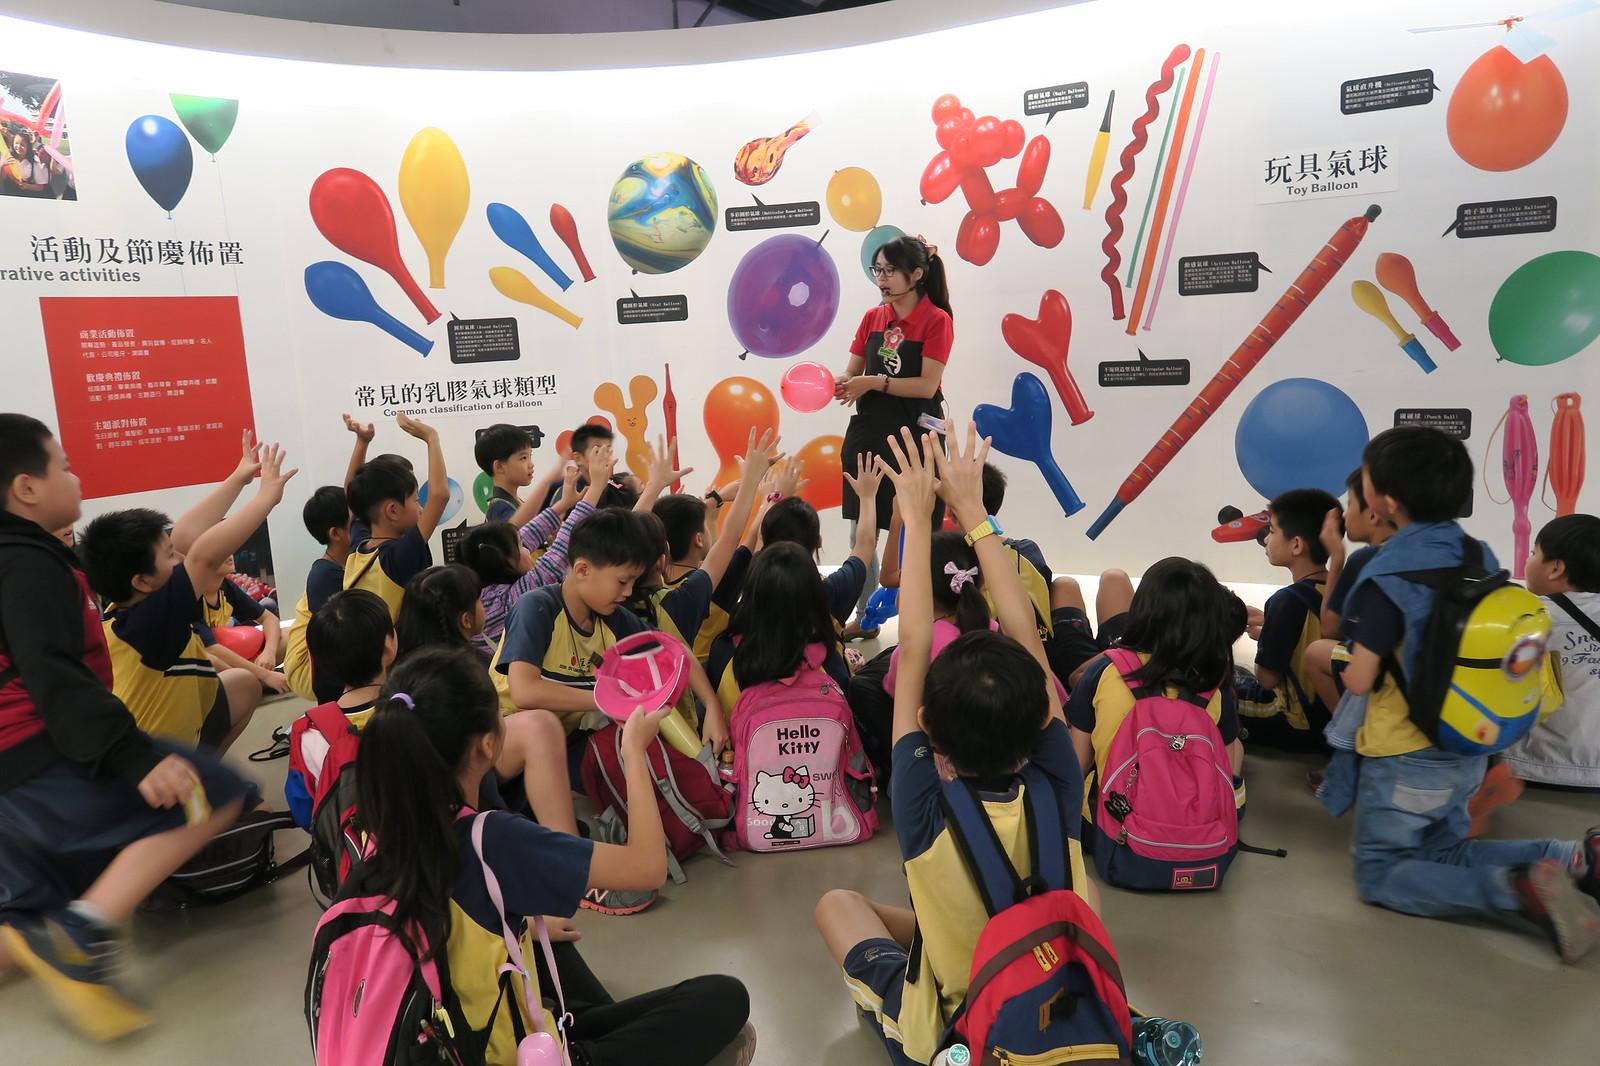 台中市神岡區氣球博物館 (142)